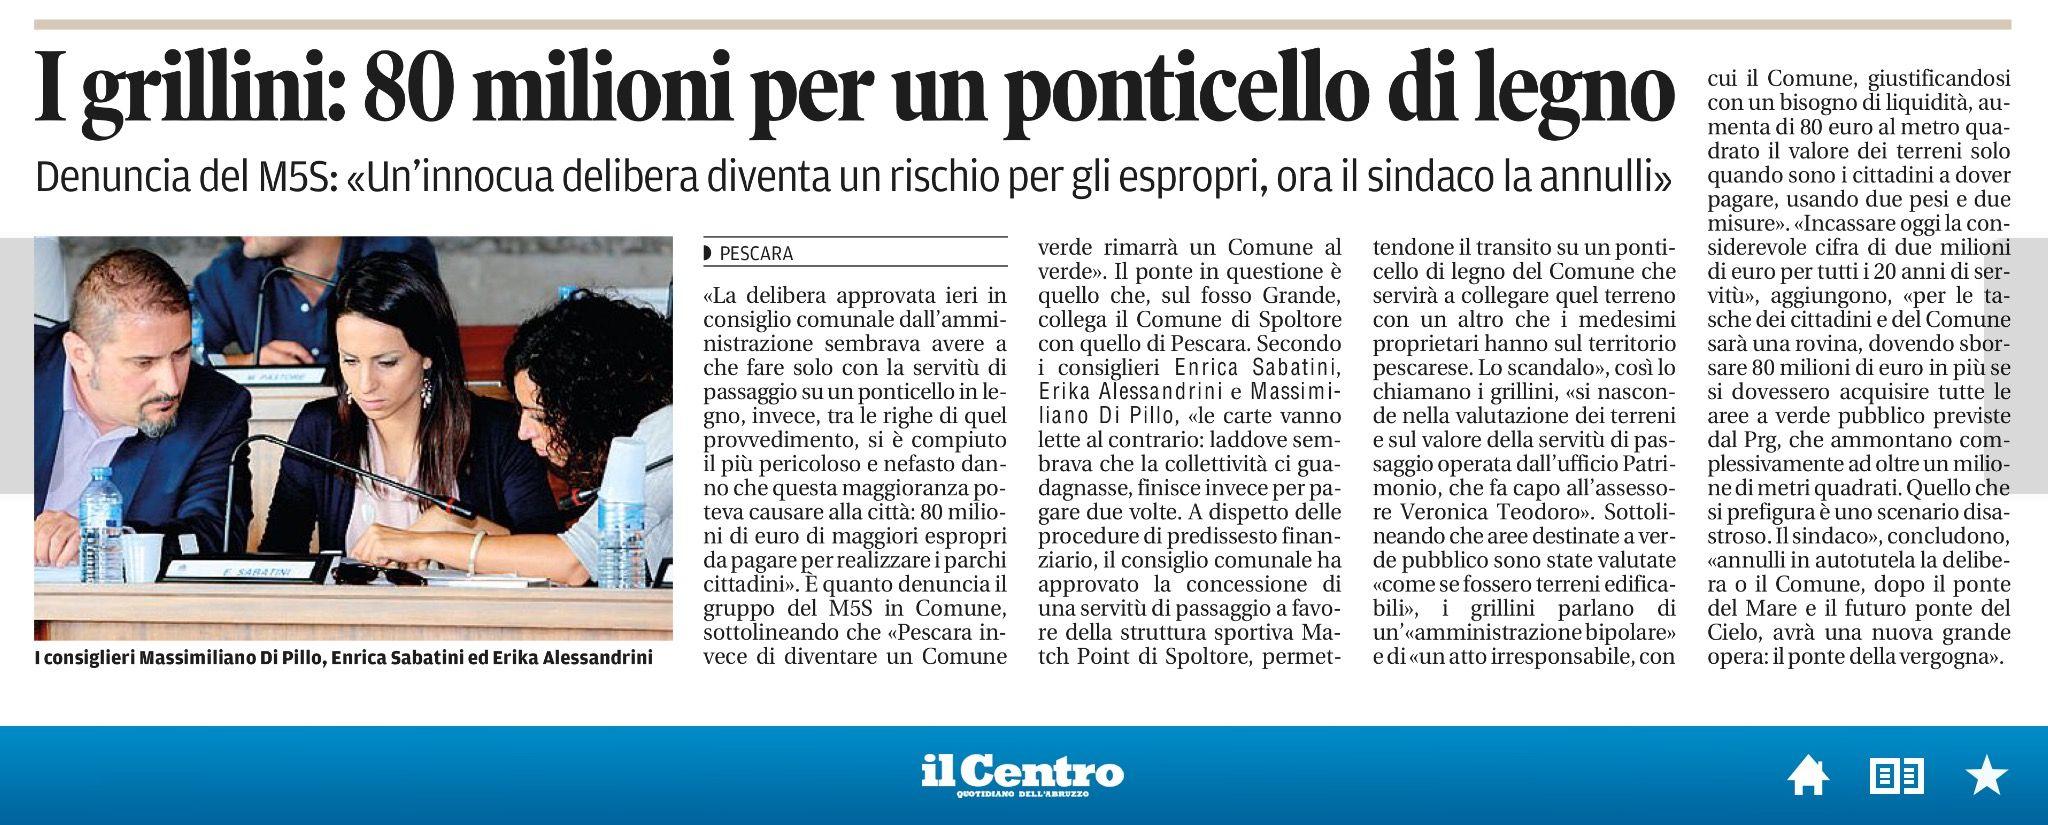 #29gennaio 2015 #lavori pubblici #ponticello #matchpoint #espropri #verde pubblico #enrica sabatini #beppe grillo #movimento 5 stelle